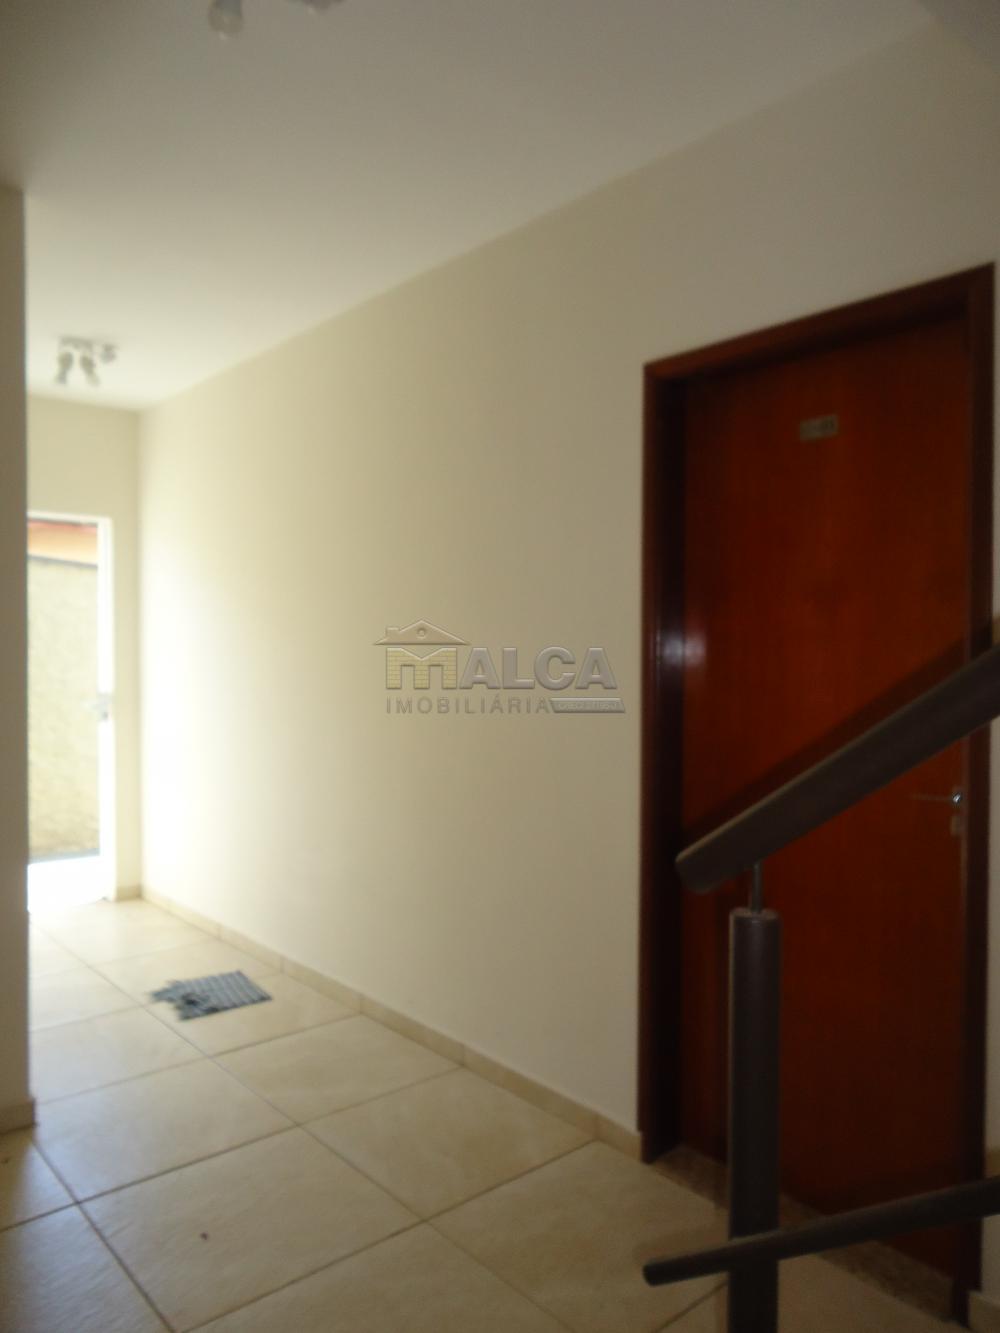 Alugar Apartamentos / Padrão em São José do Rio Pardo R$ 935,00 - Foto 12